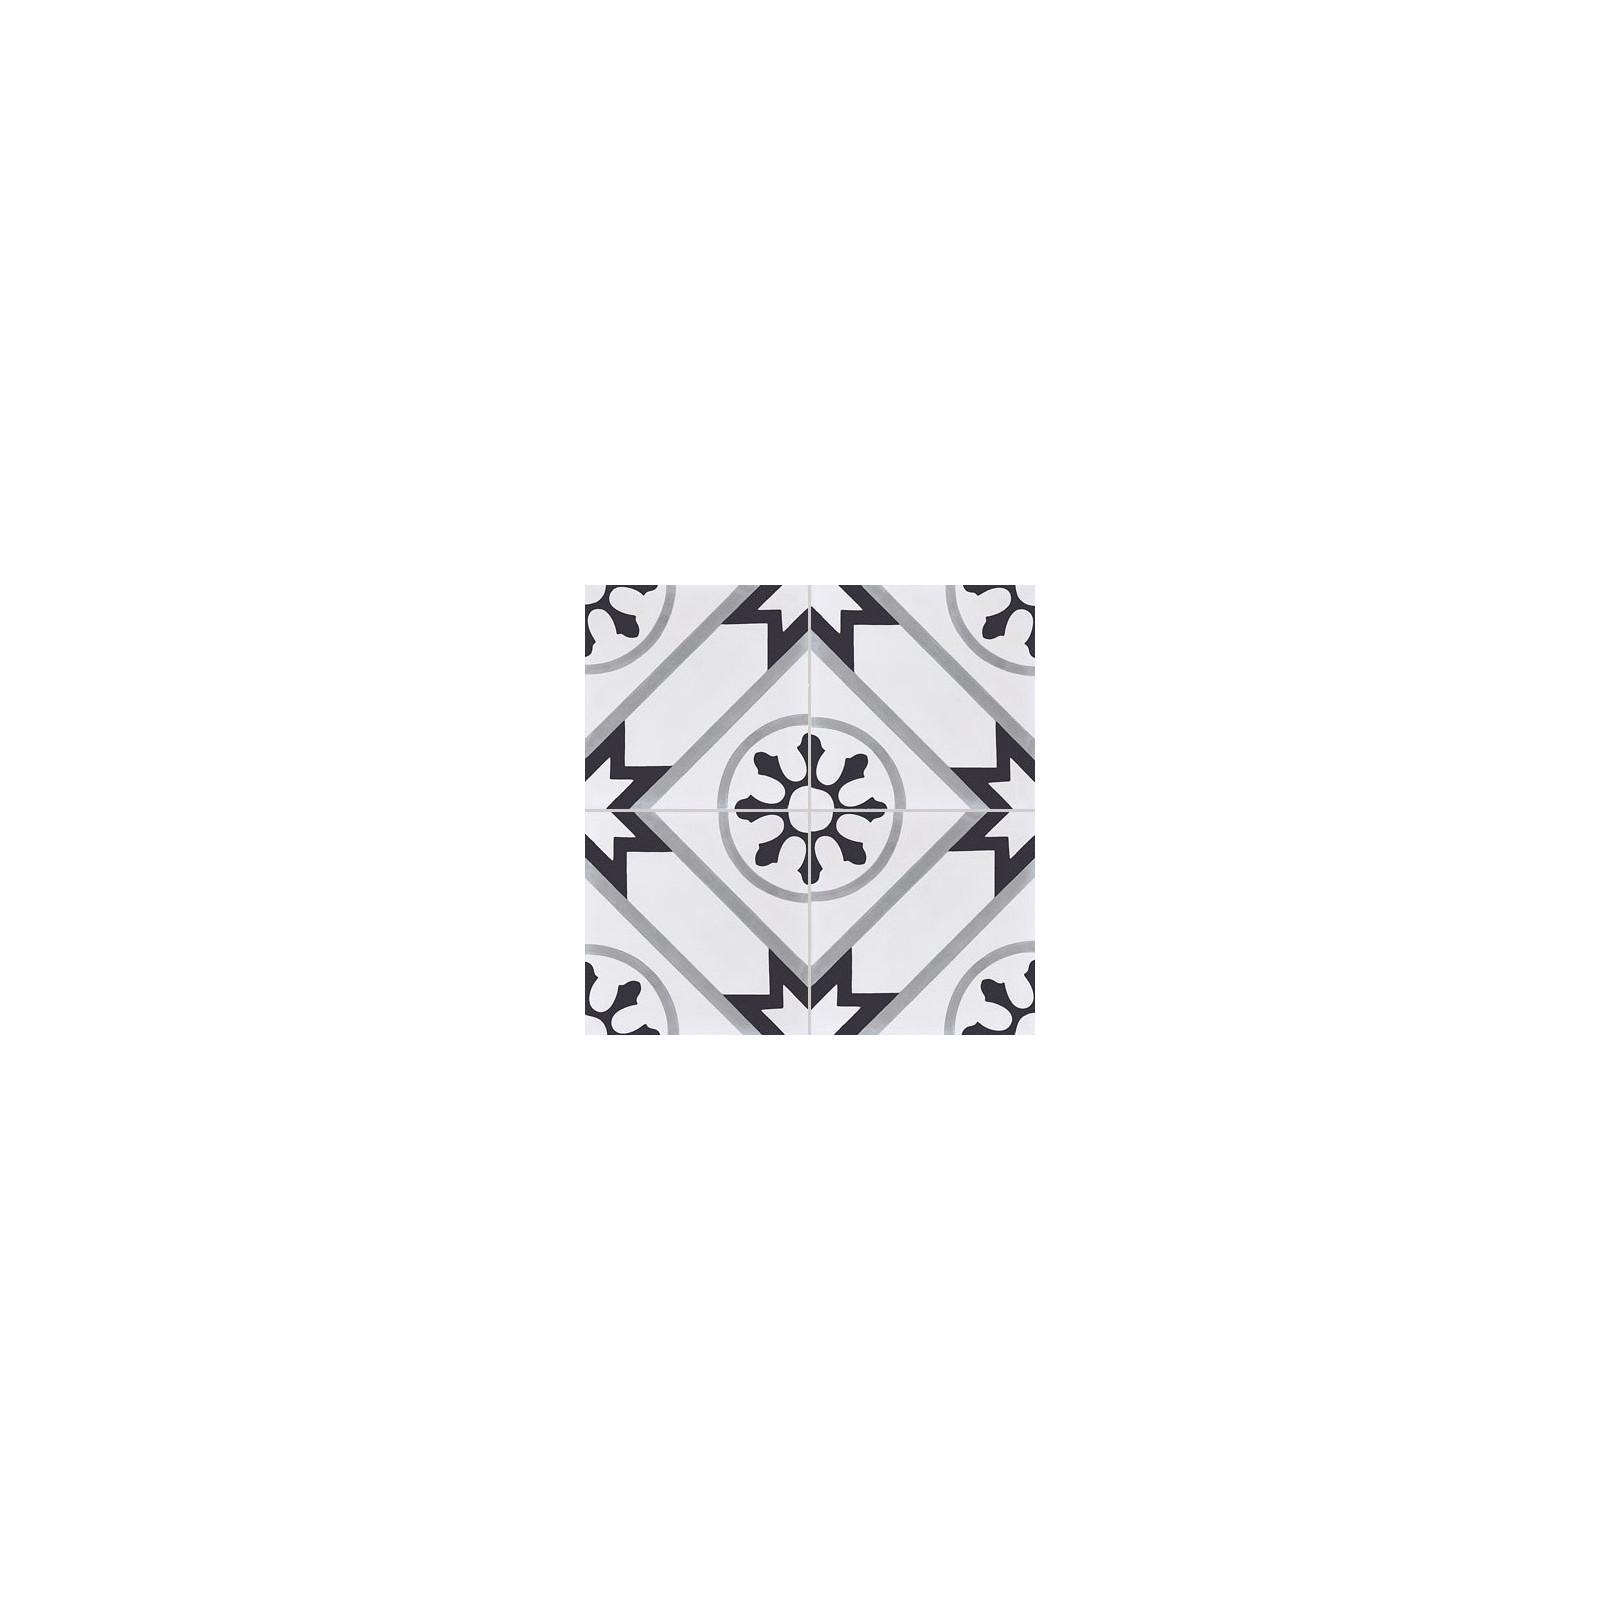 Carreau de ciment coloré motif 4 carreaux blanc, gris et noir AVRIL 07.27.01